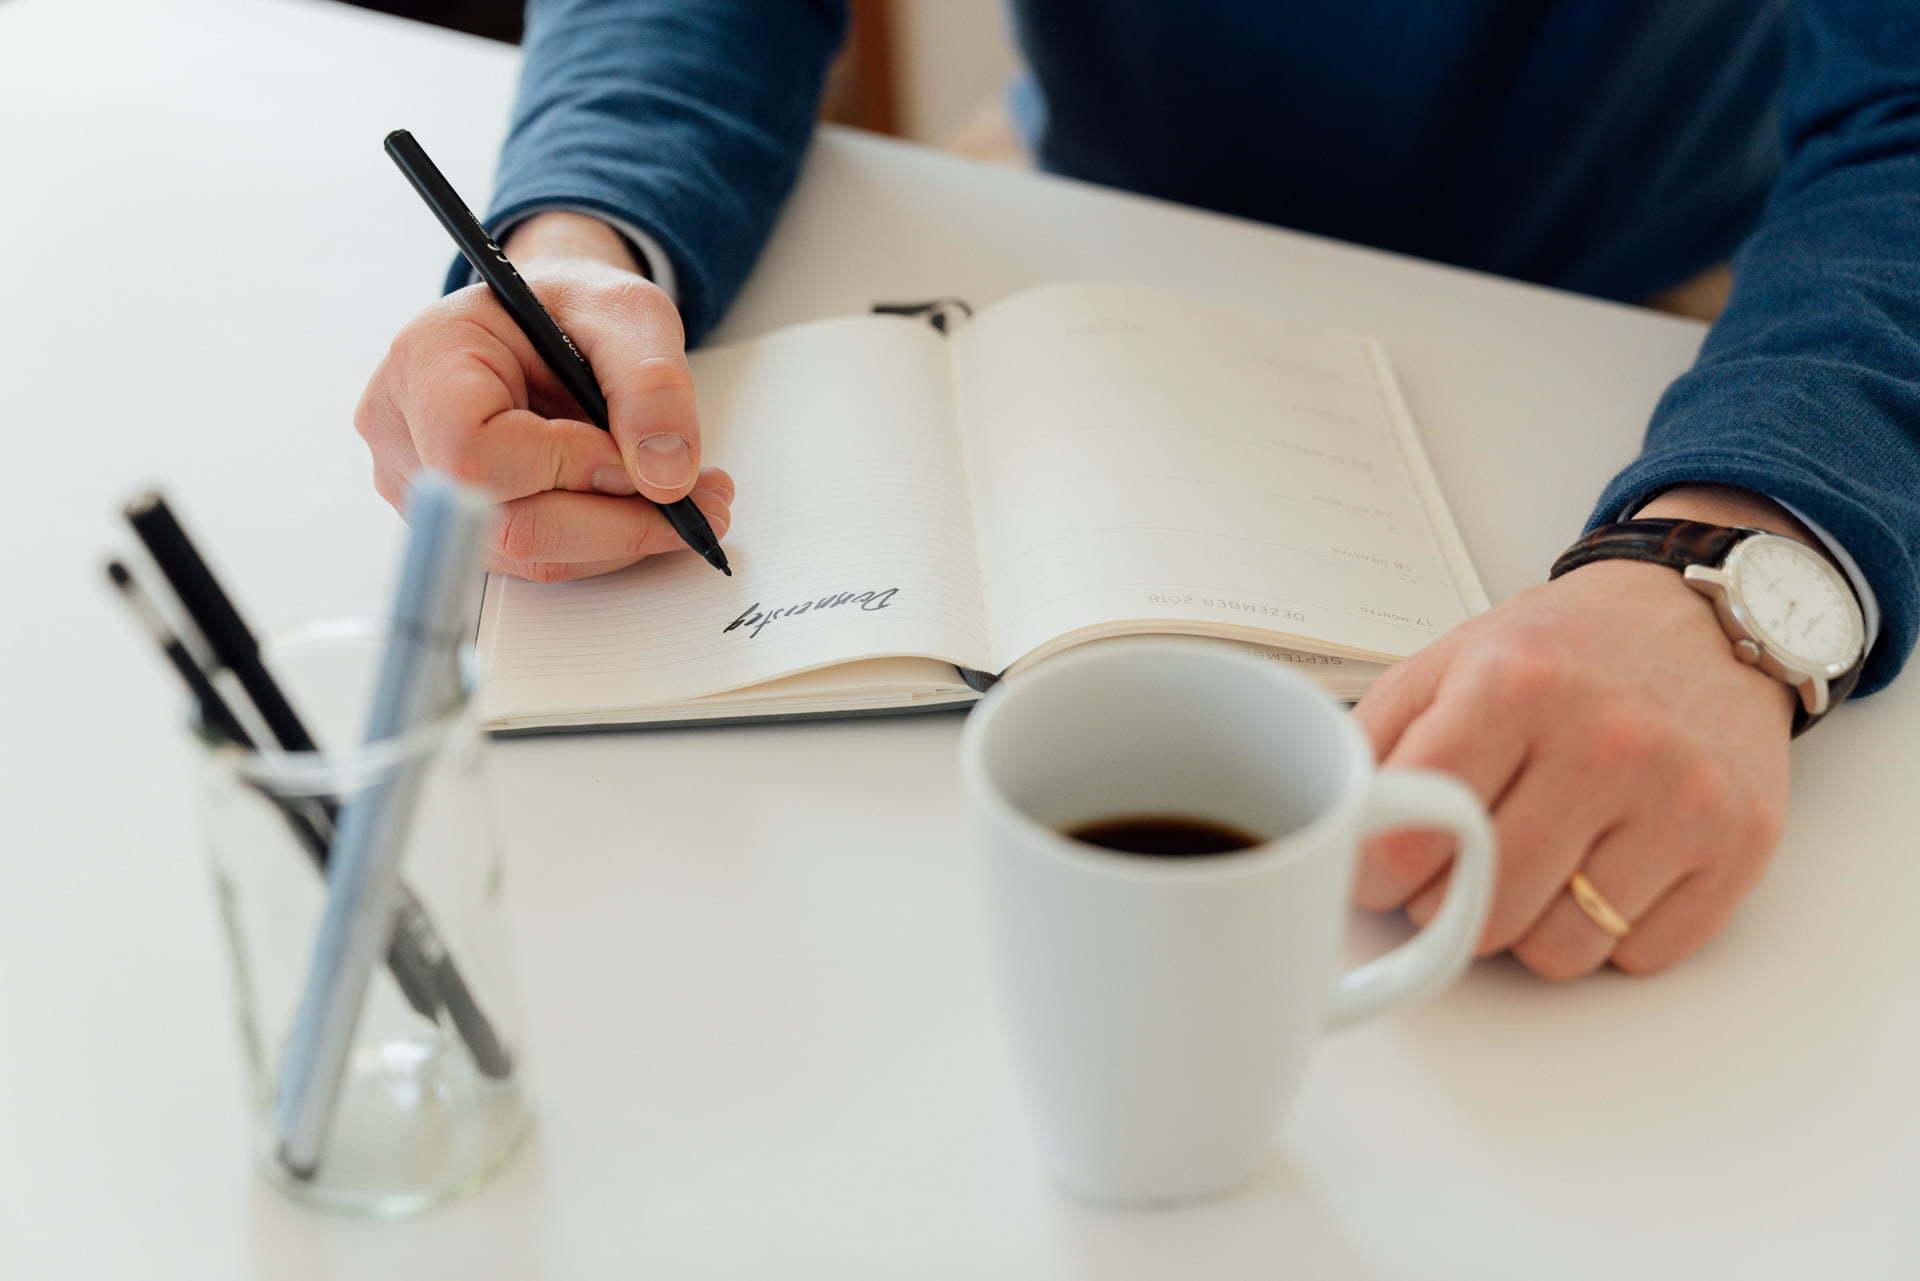 Detailaufnahme von Händen die in ein Notizbuch schreiben